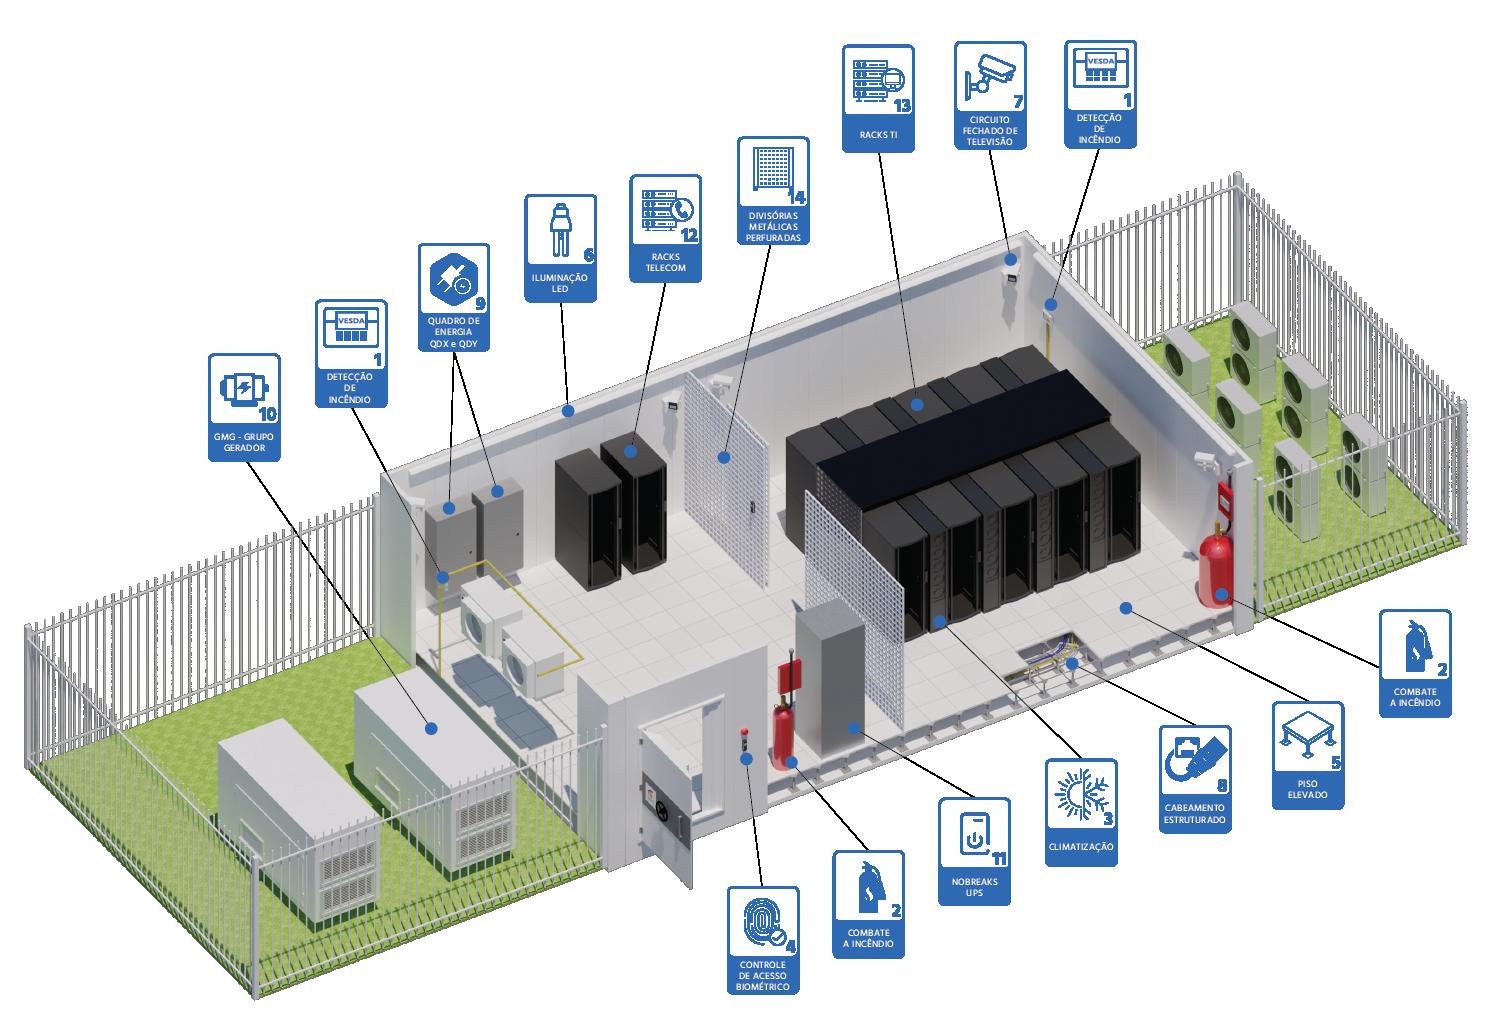 Seguranca-com-integracao-de- sistemas